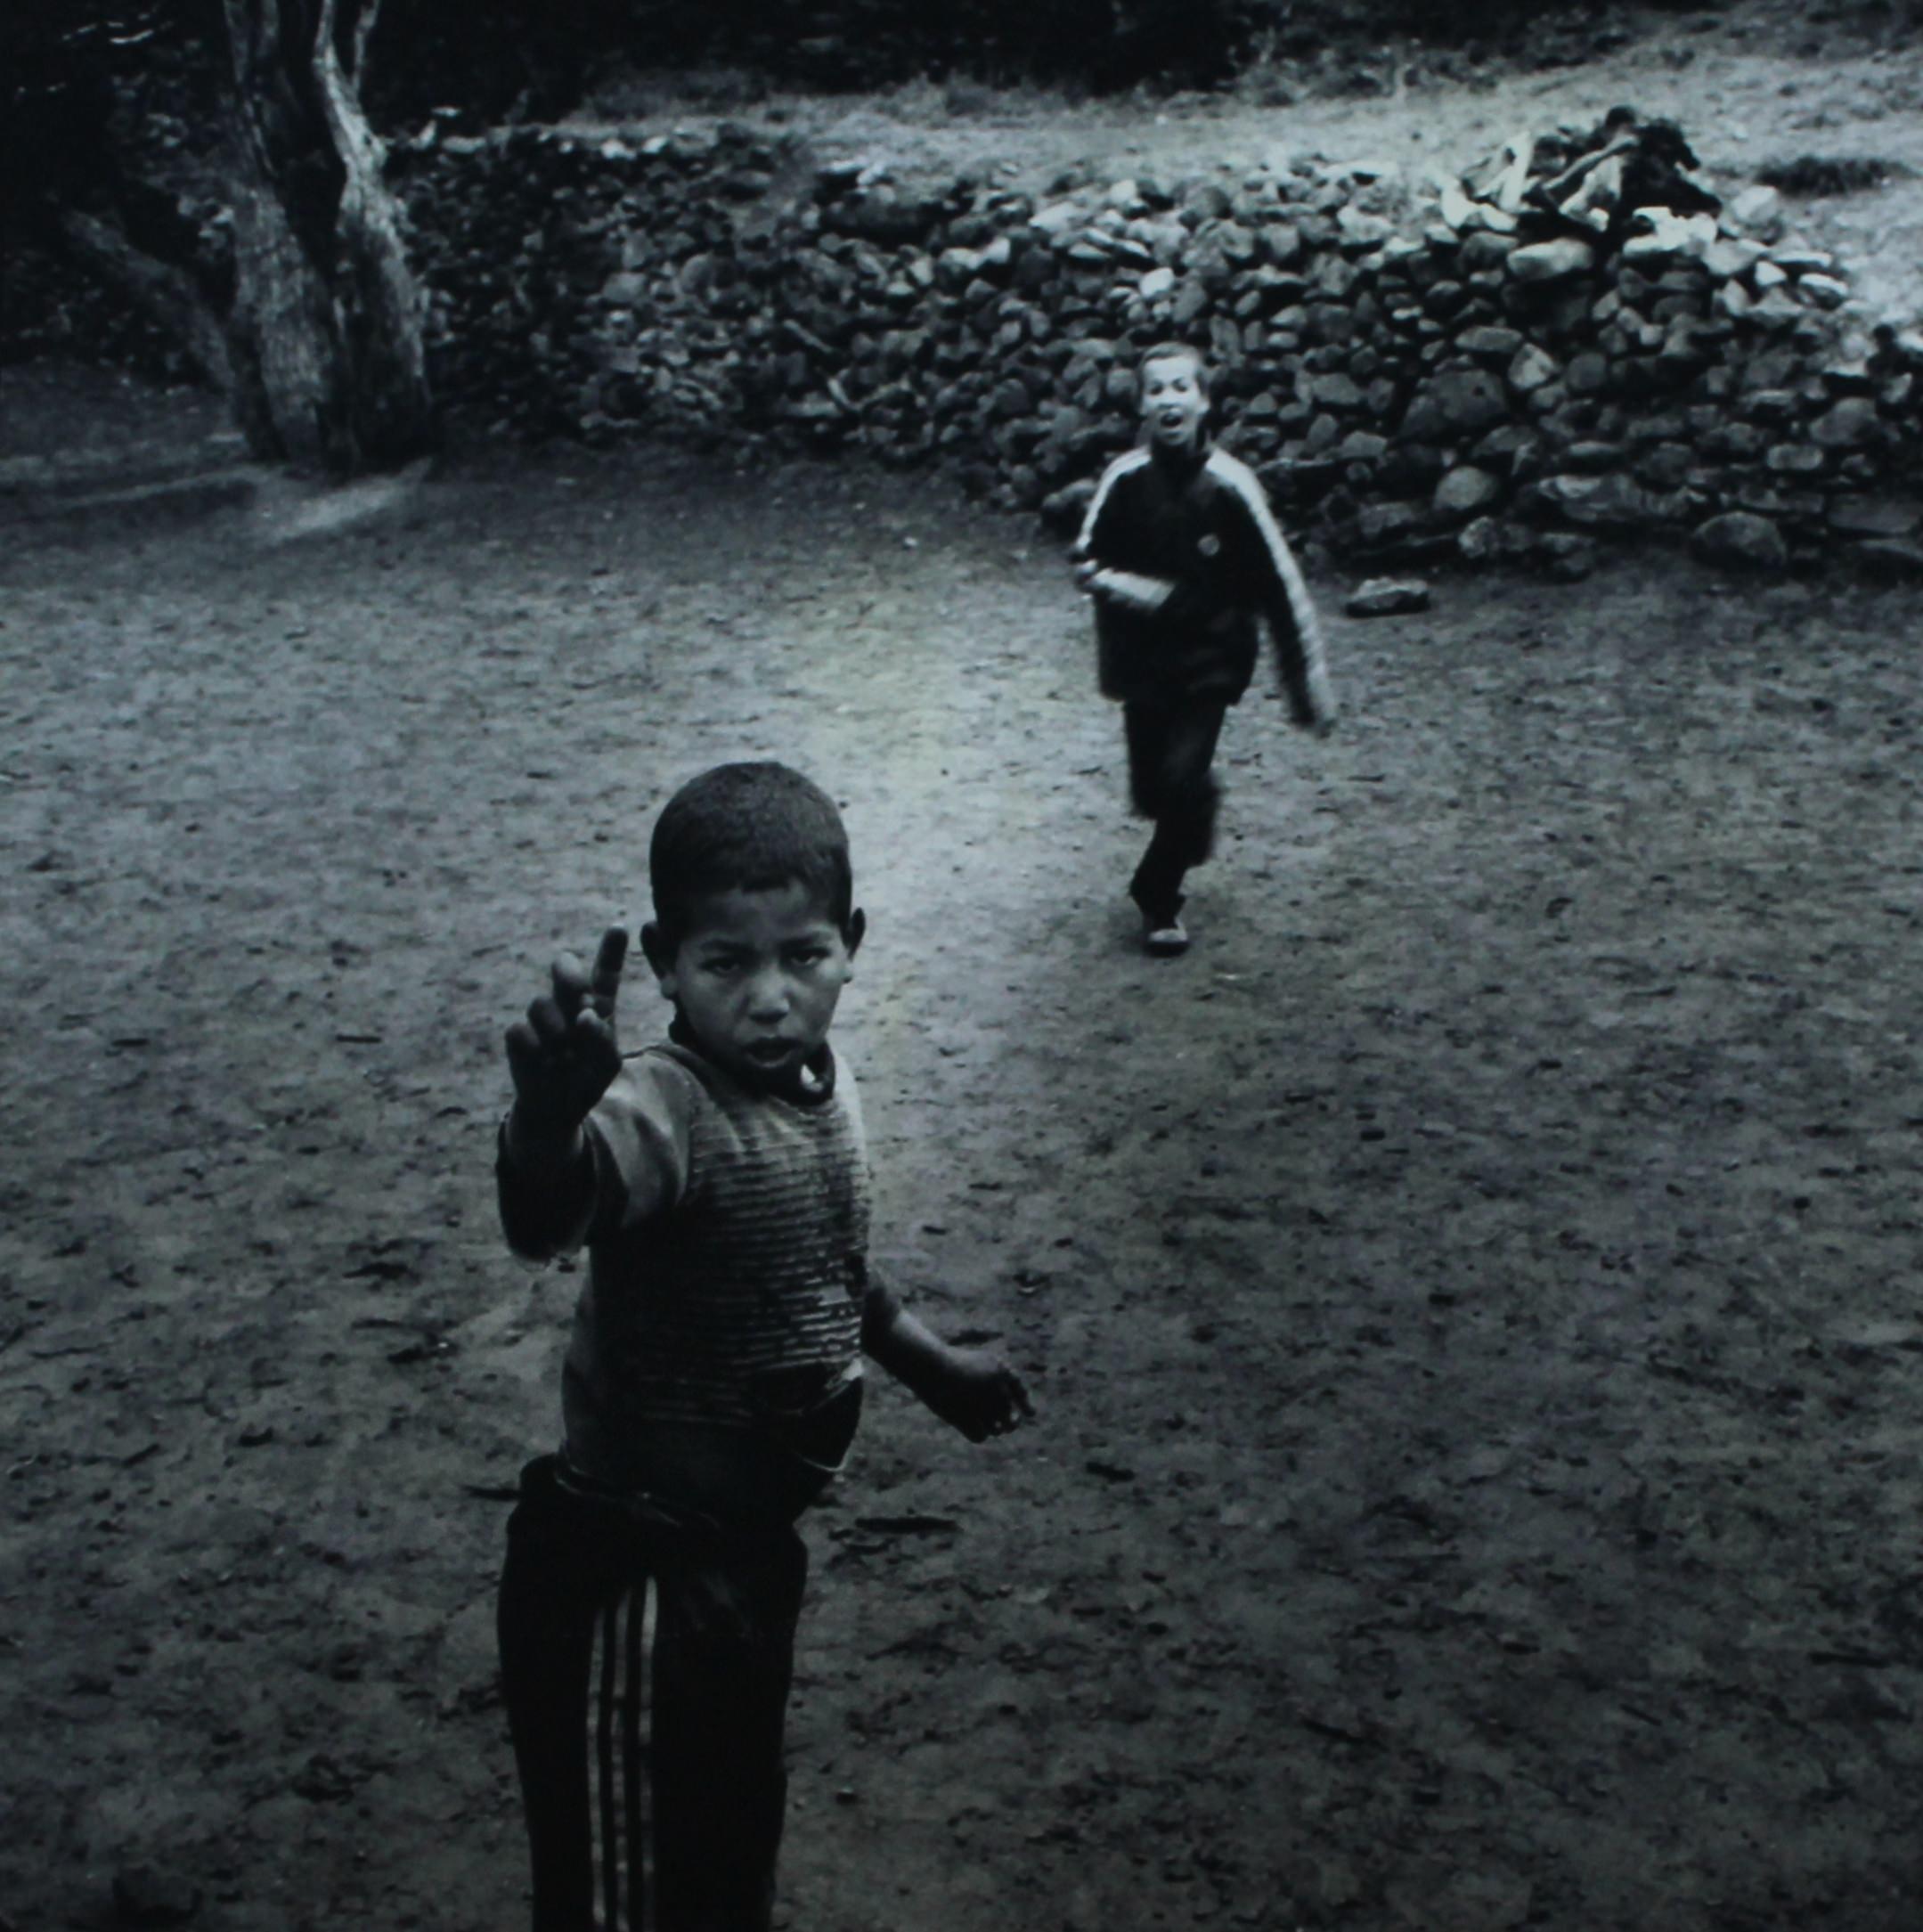 Una de las fotografías mostrada en la exposción. Imagen por cortesía de la galería